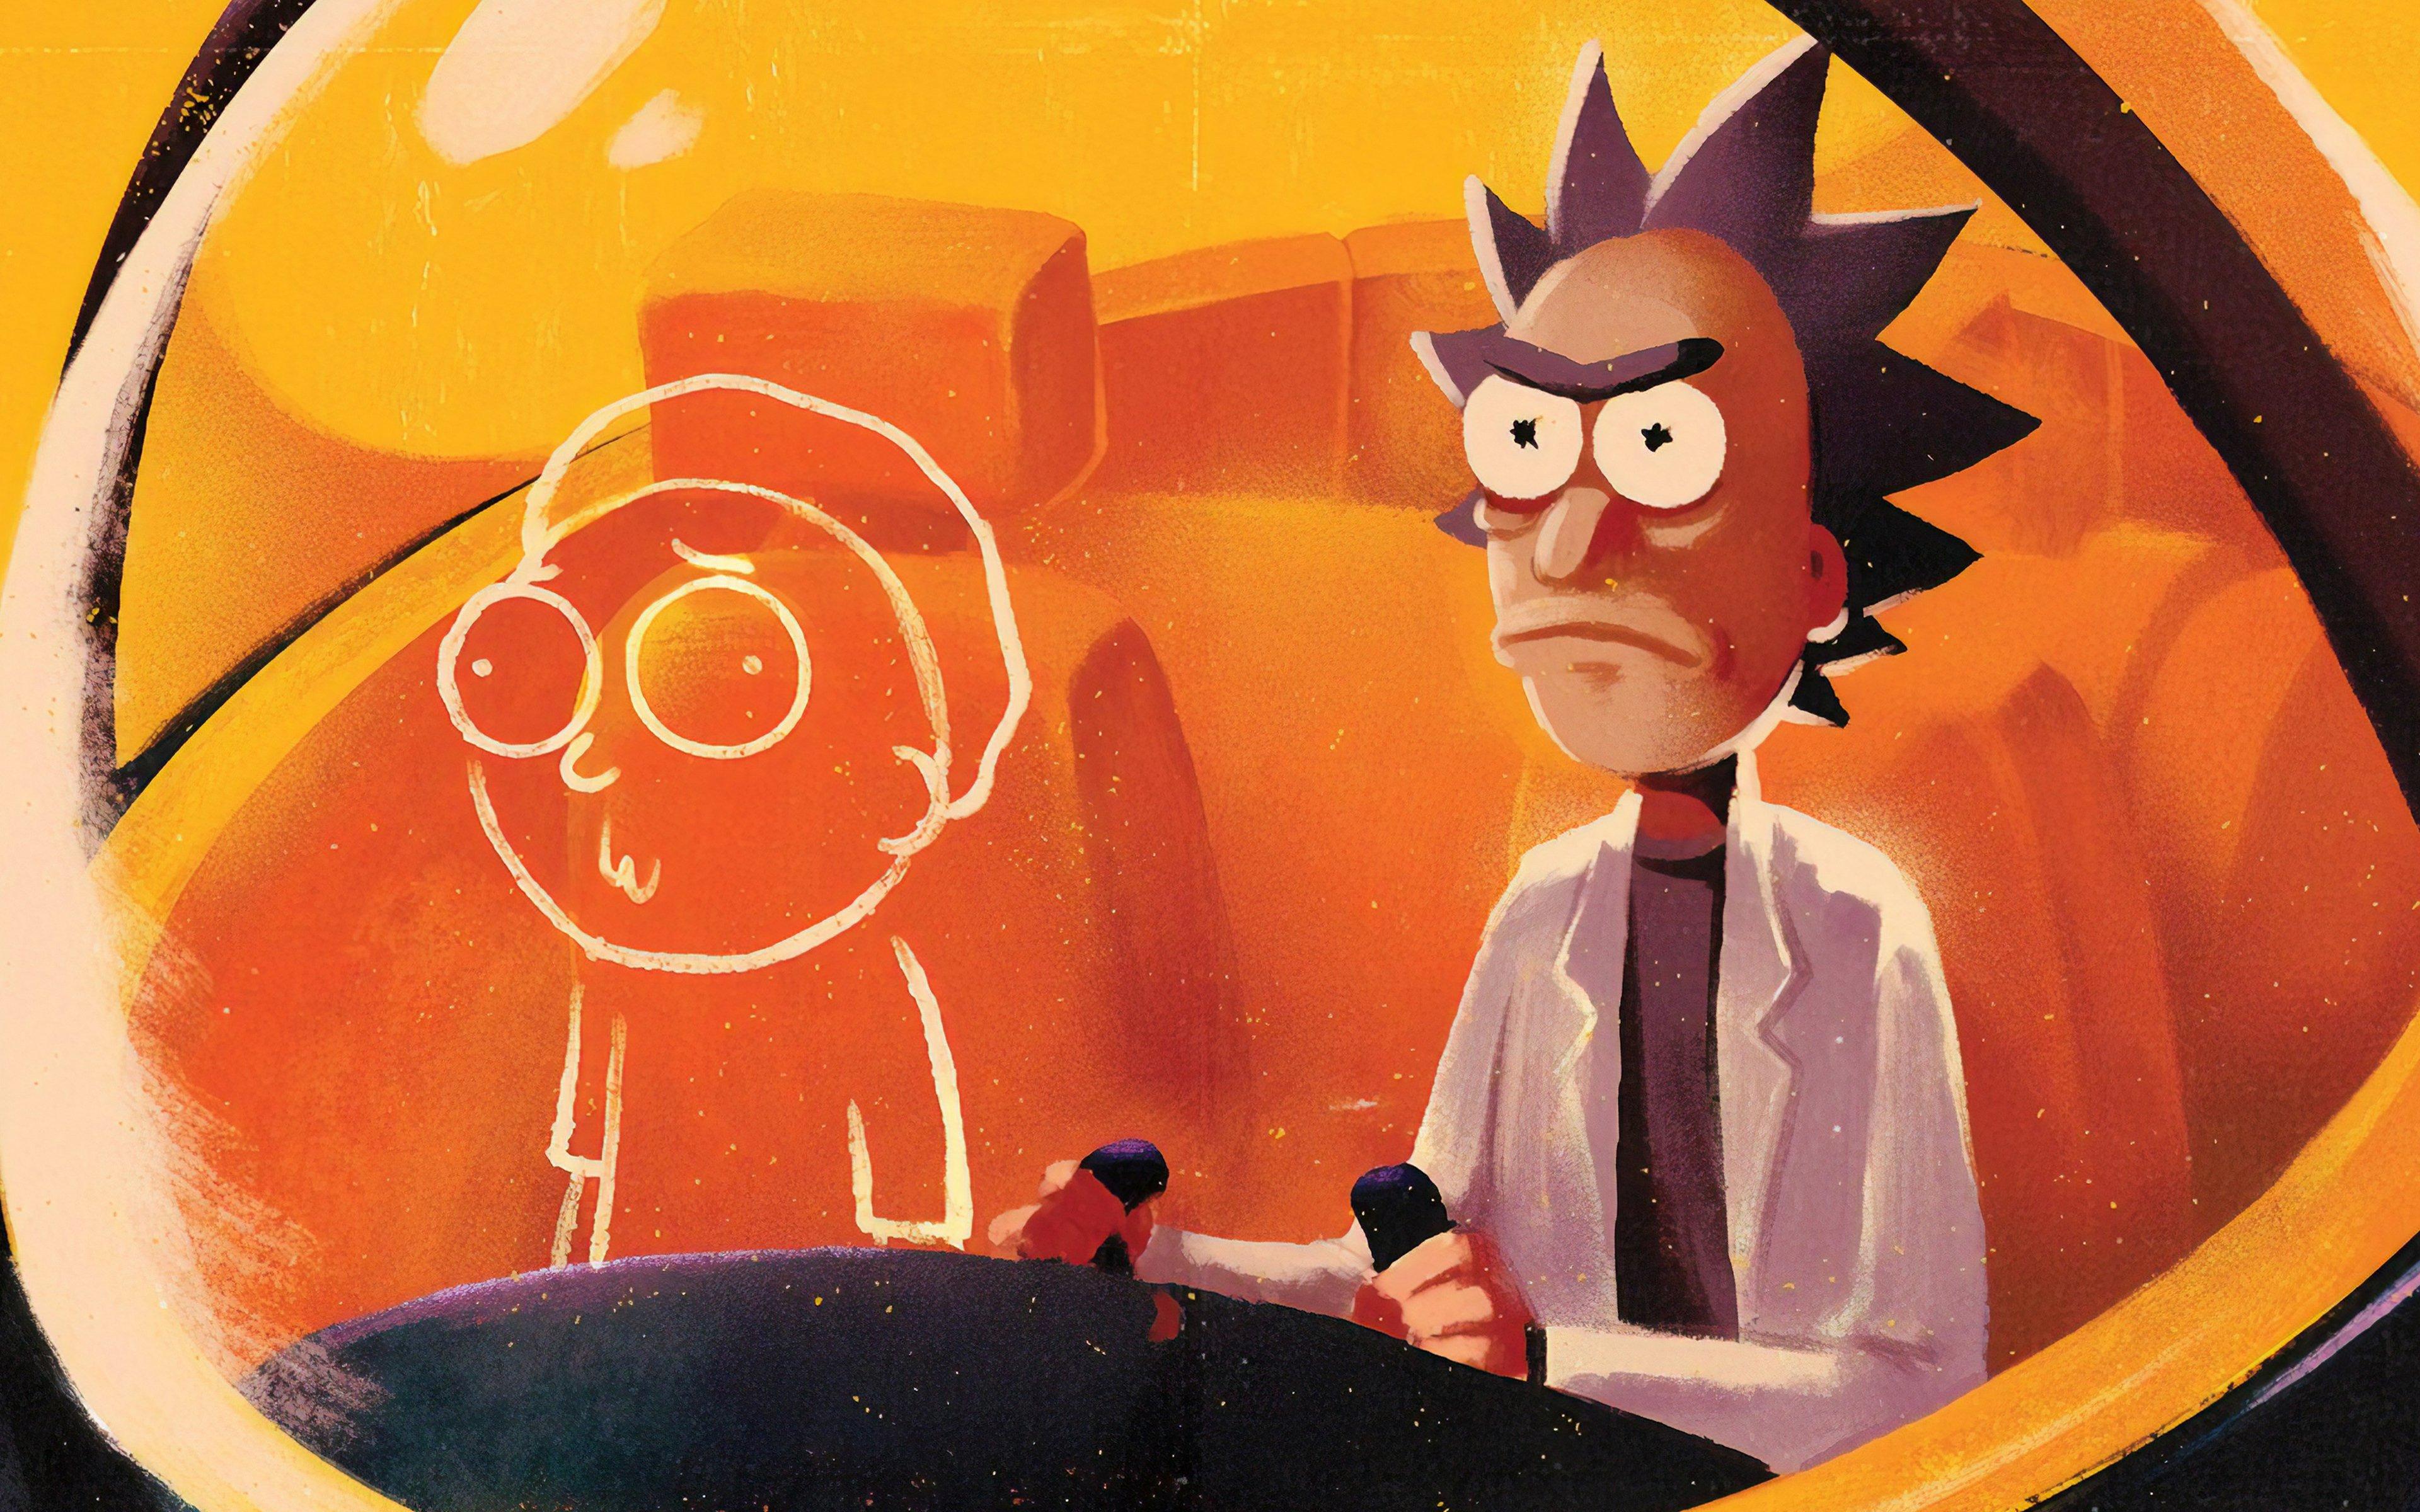 Fondos de pantalla Rick y Morty Arte